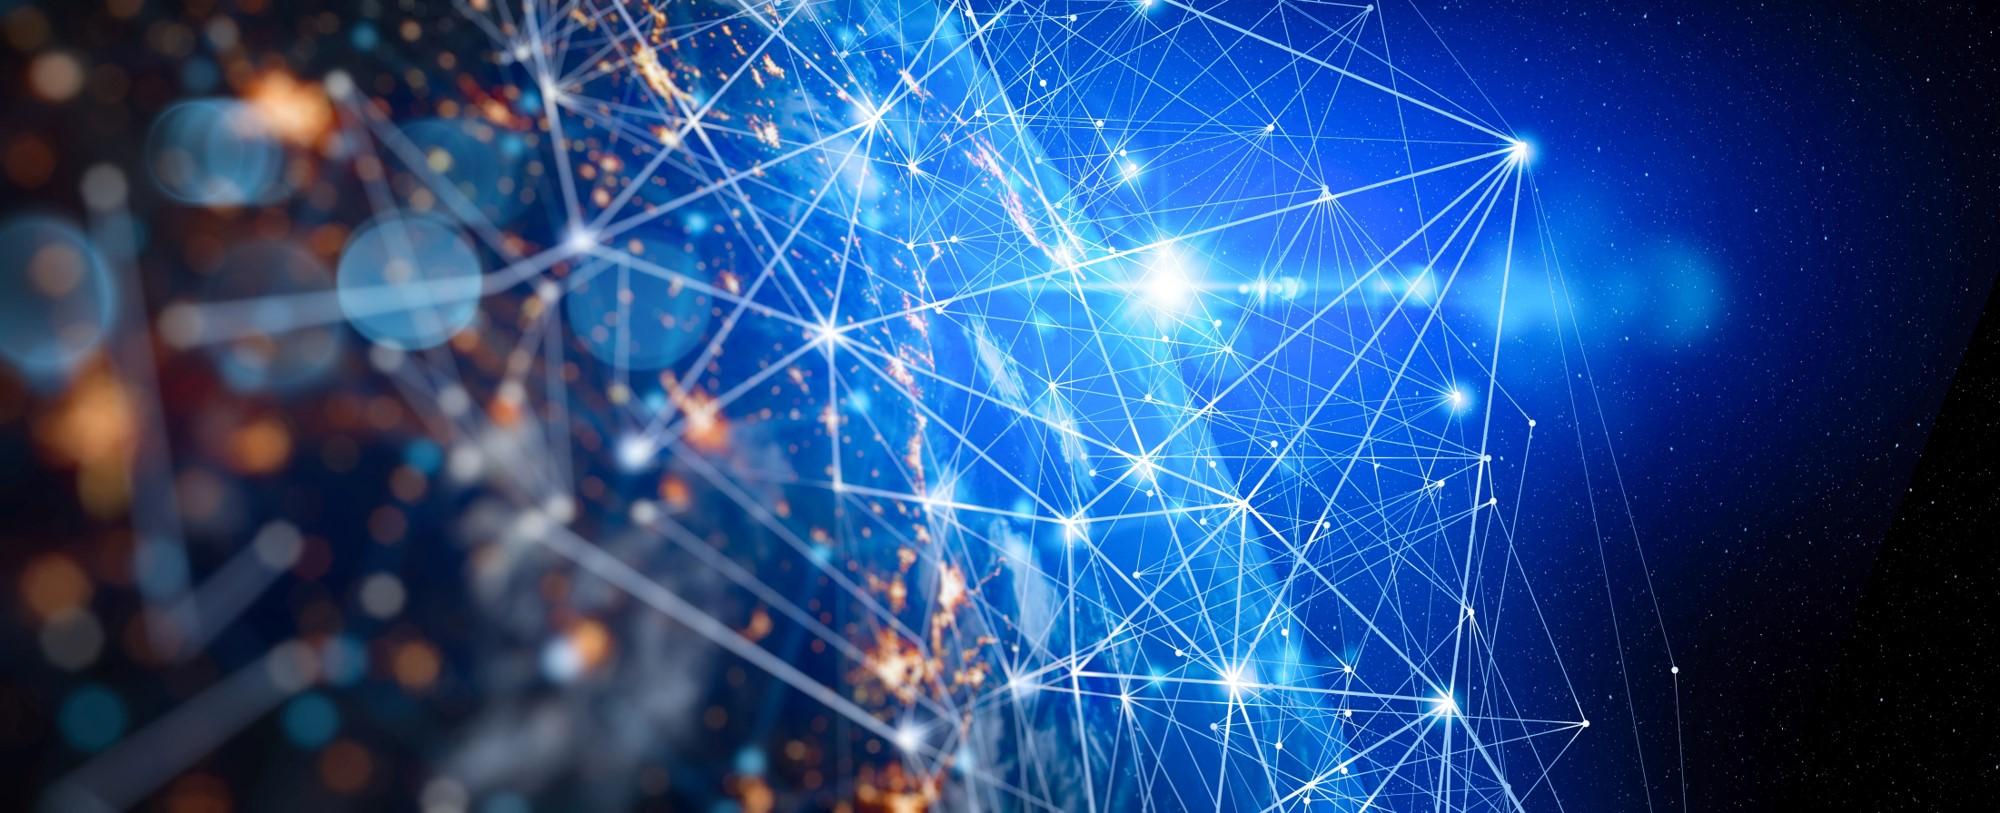 Saft lanza una nueva herramienta de cálculo online para aplicaciones de IoT que ayuda a los desarrolladores a encontrar la mejor opción en batería